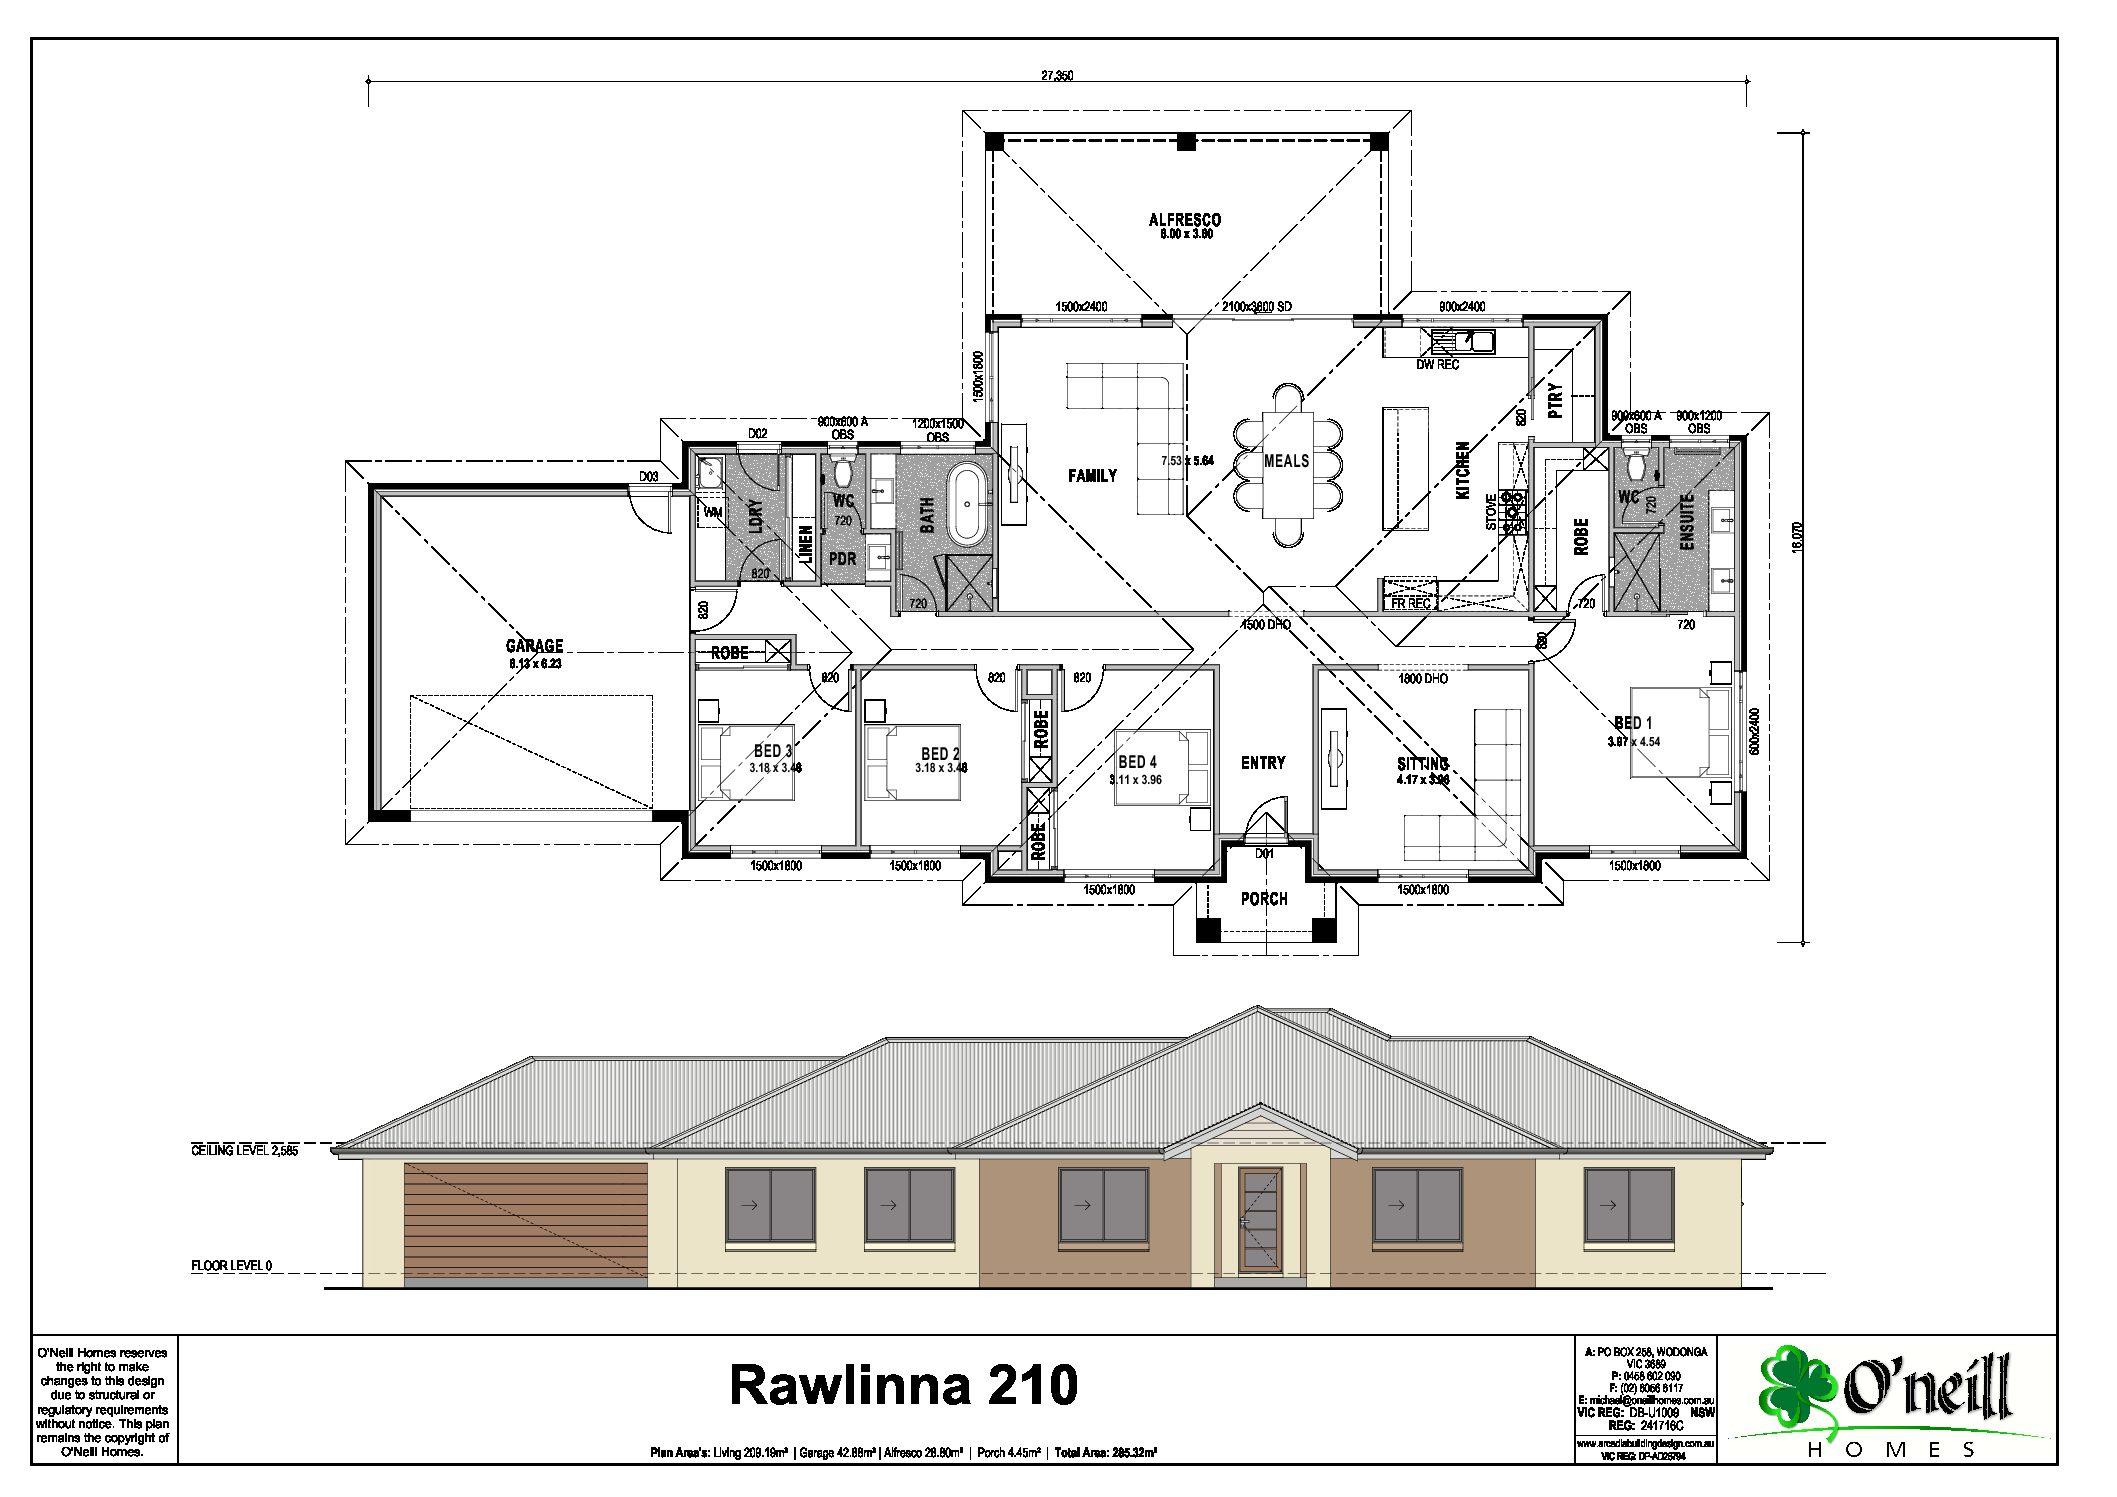 The Rawlinna